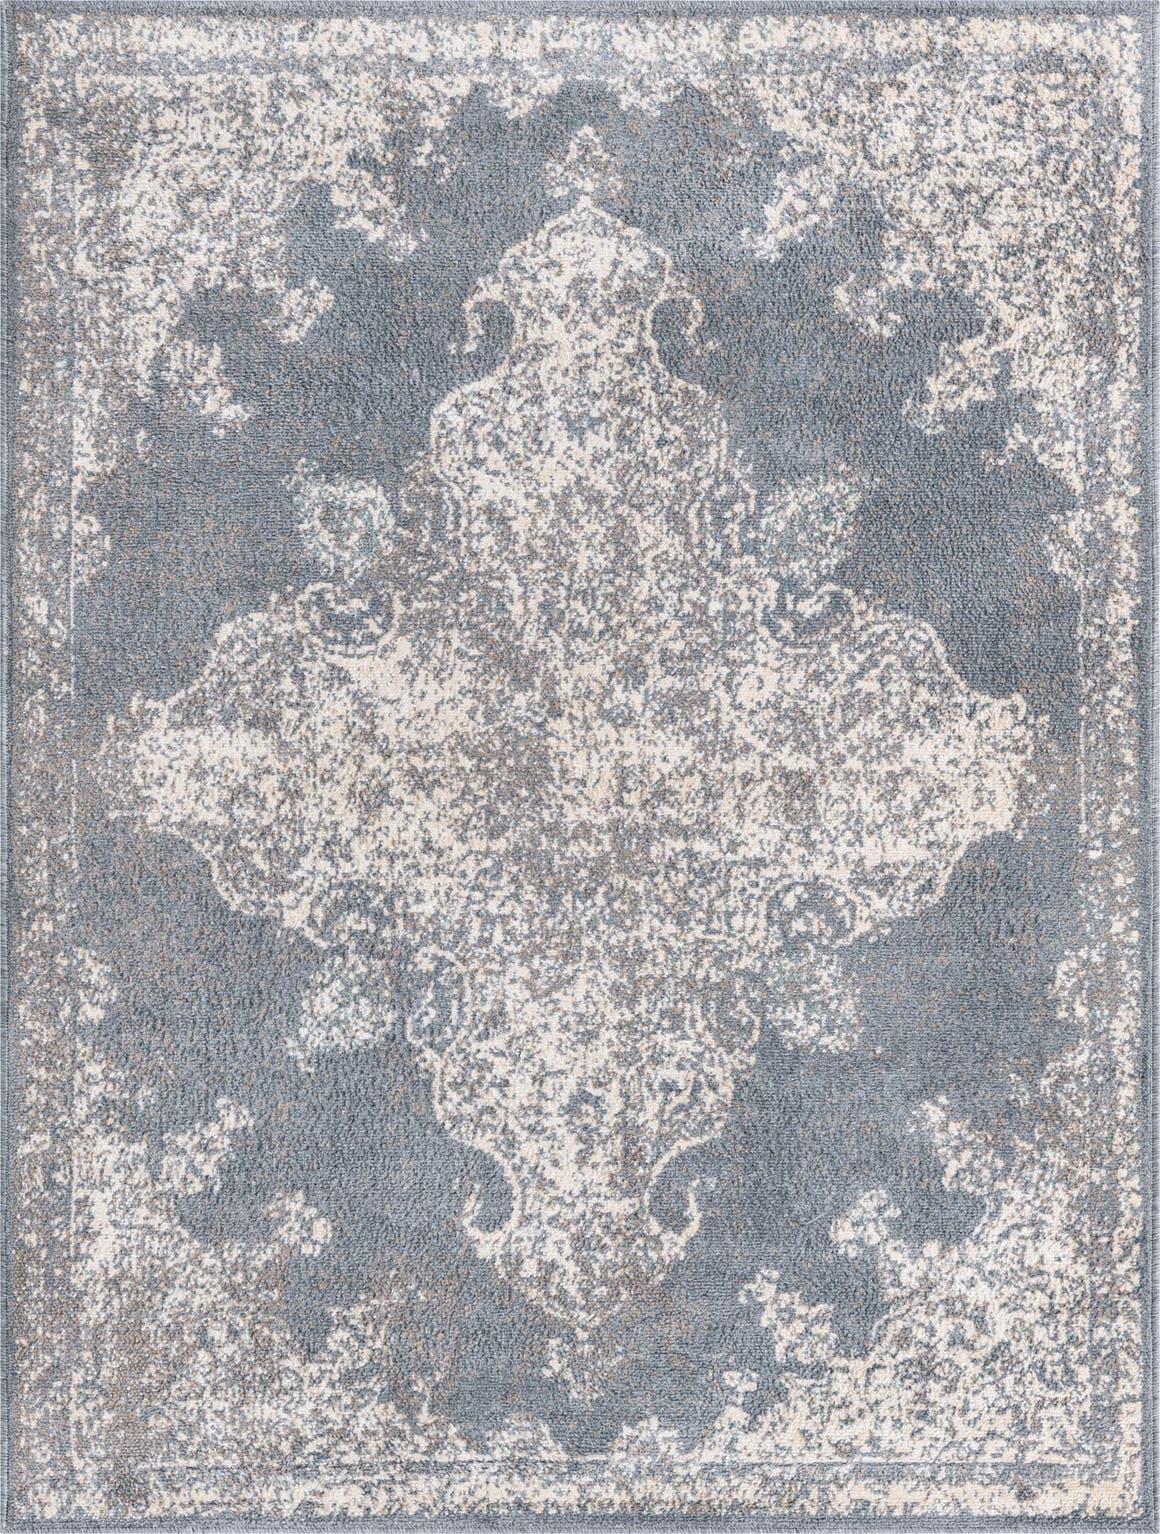 9' x 12' Sahara Rug main image